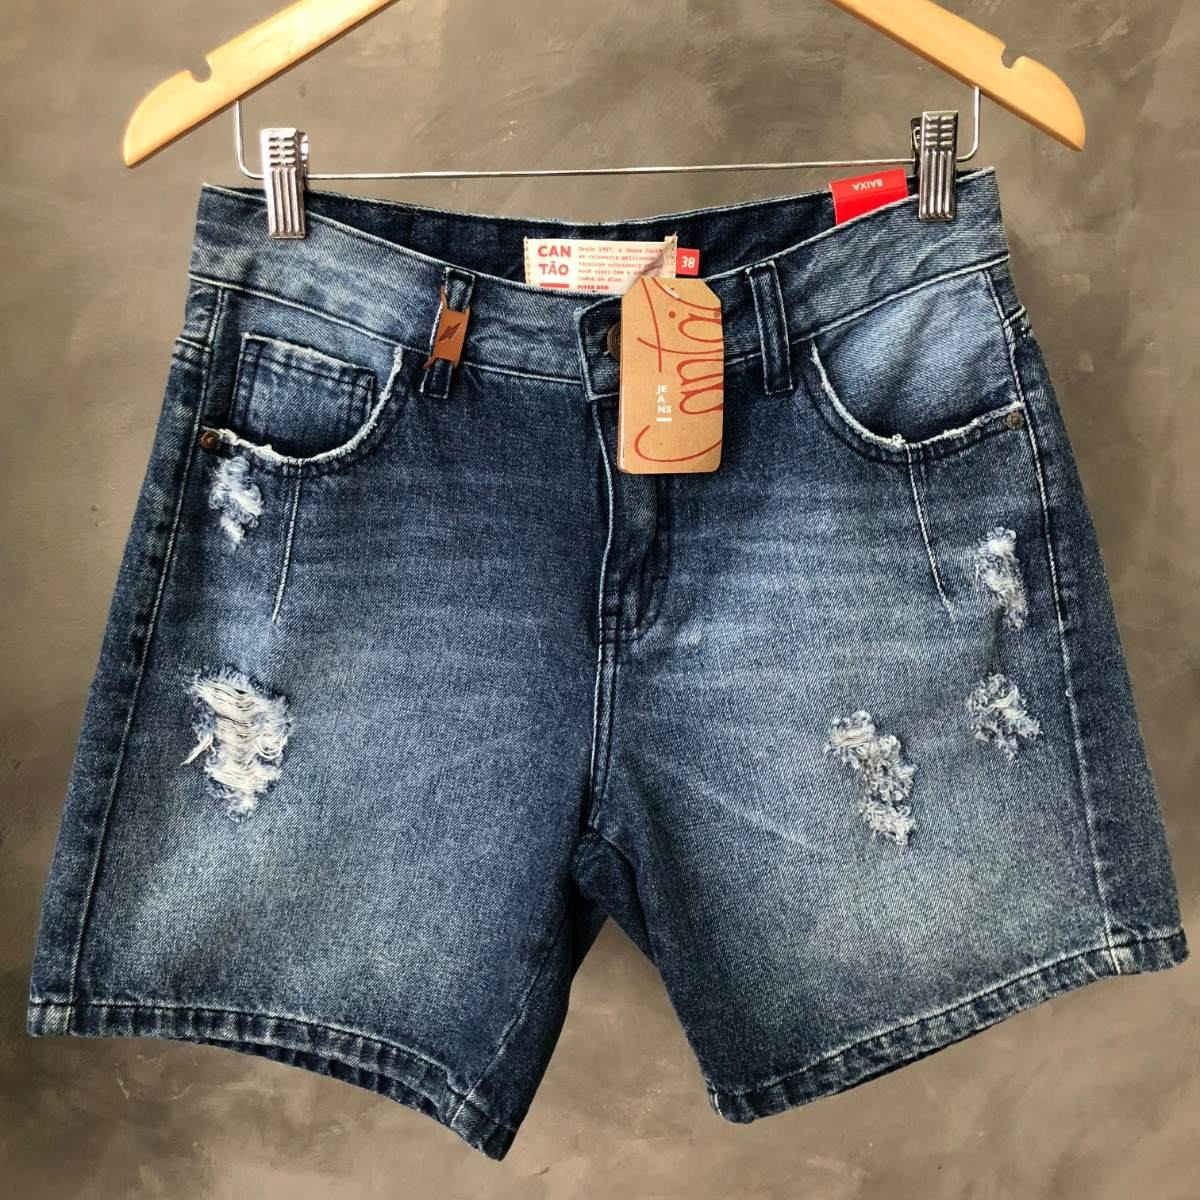 78fe9681a Shorts Feminino Cantão Jeans Destroyed Oferta 010 - R$ 229,00 em ...